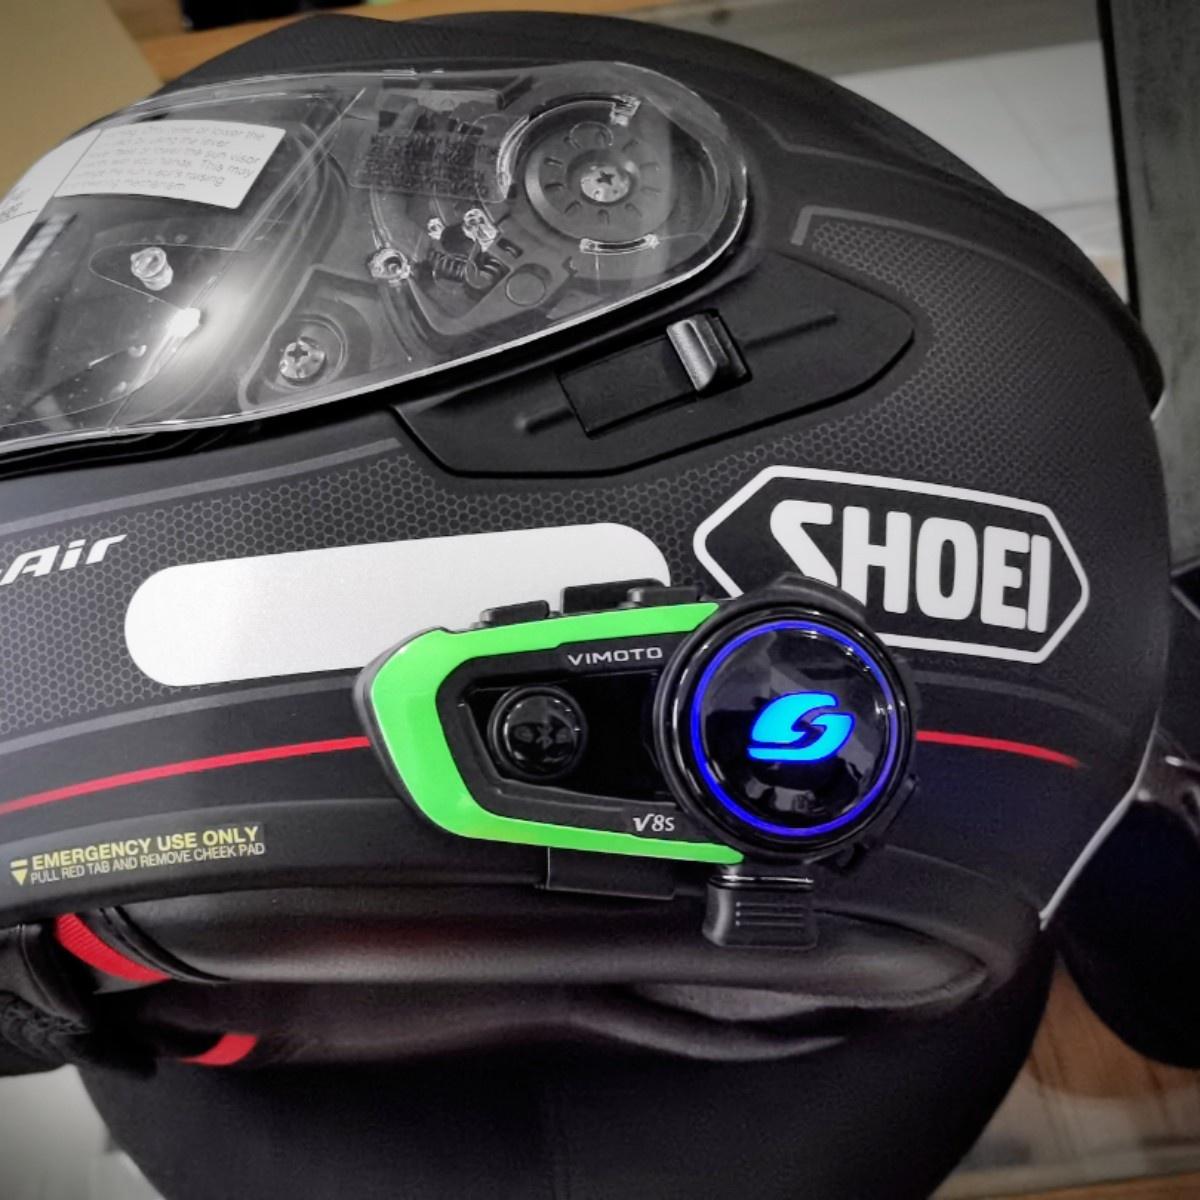 逐鹿机车北京店 维迈通V8S摩托车头盔蓝牙耳机无线对讲机现货